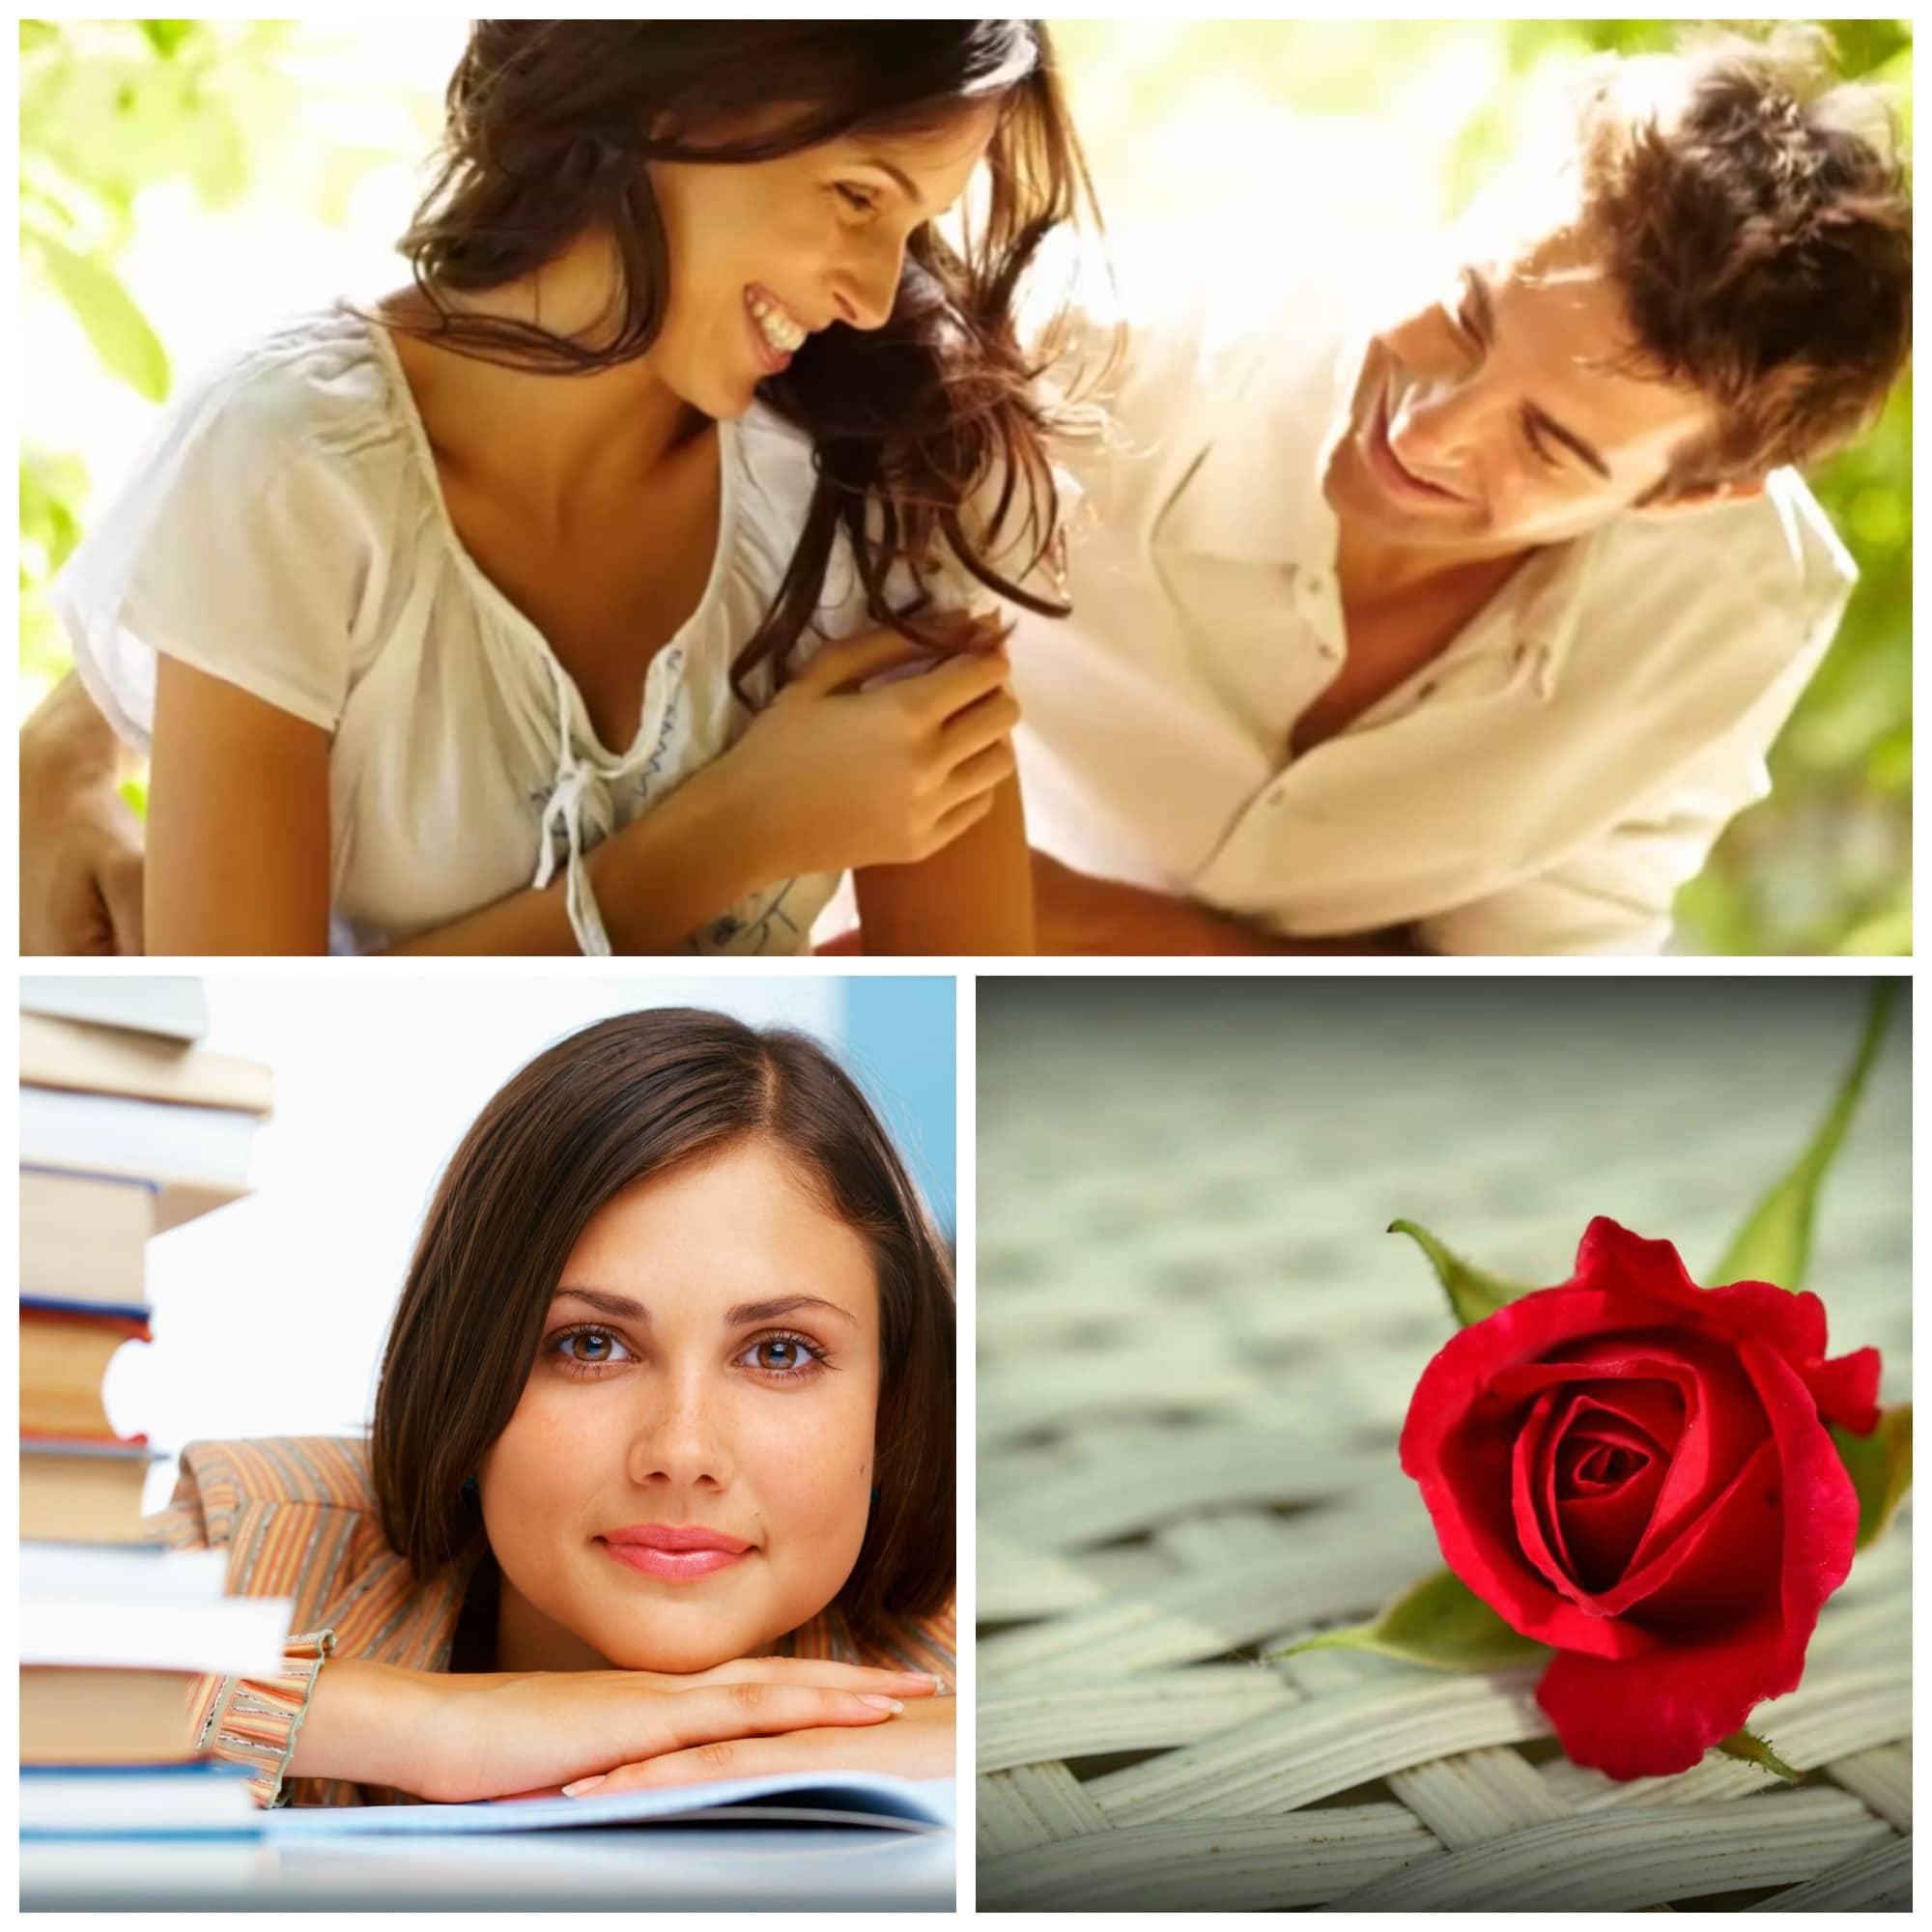 frases para enamorar a tu pareja y conquistarla de nuevo